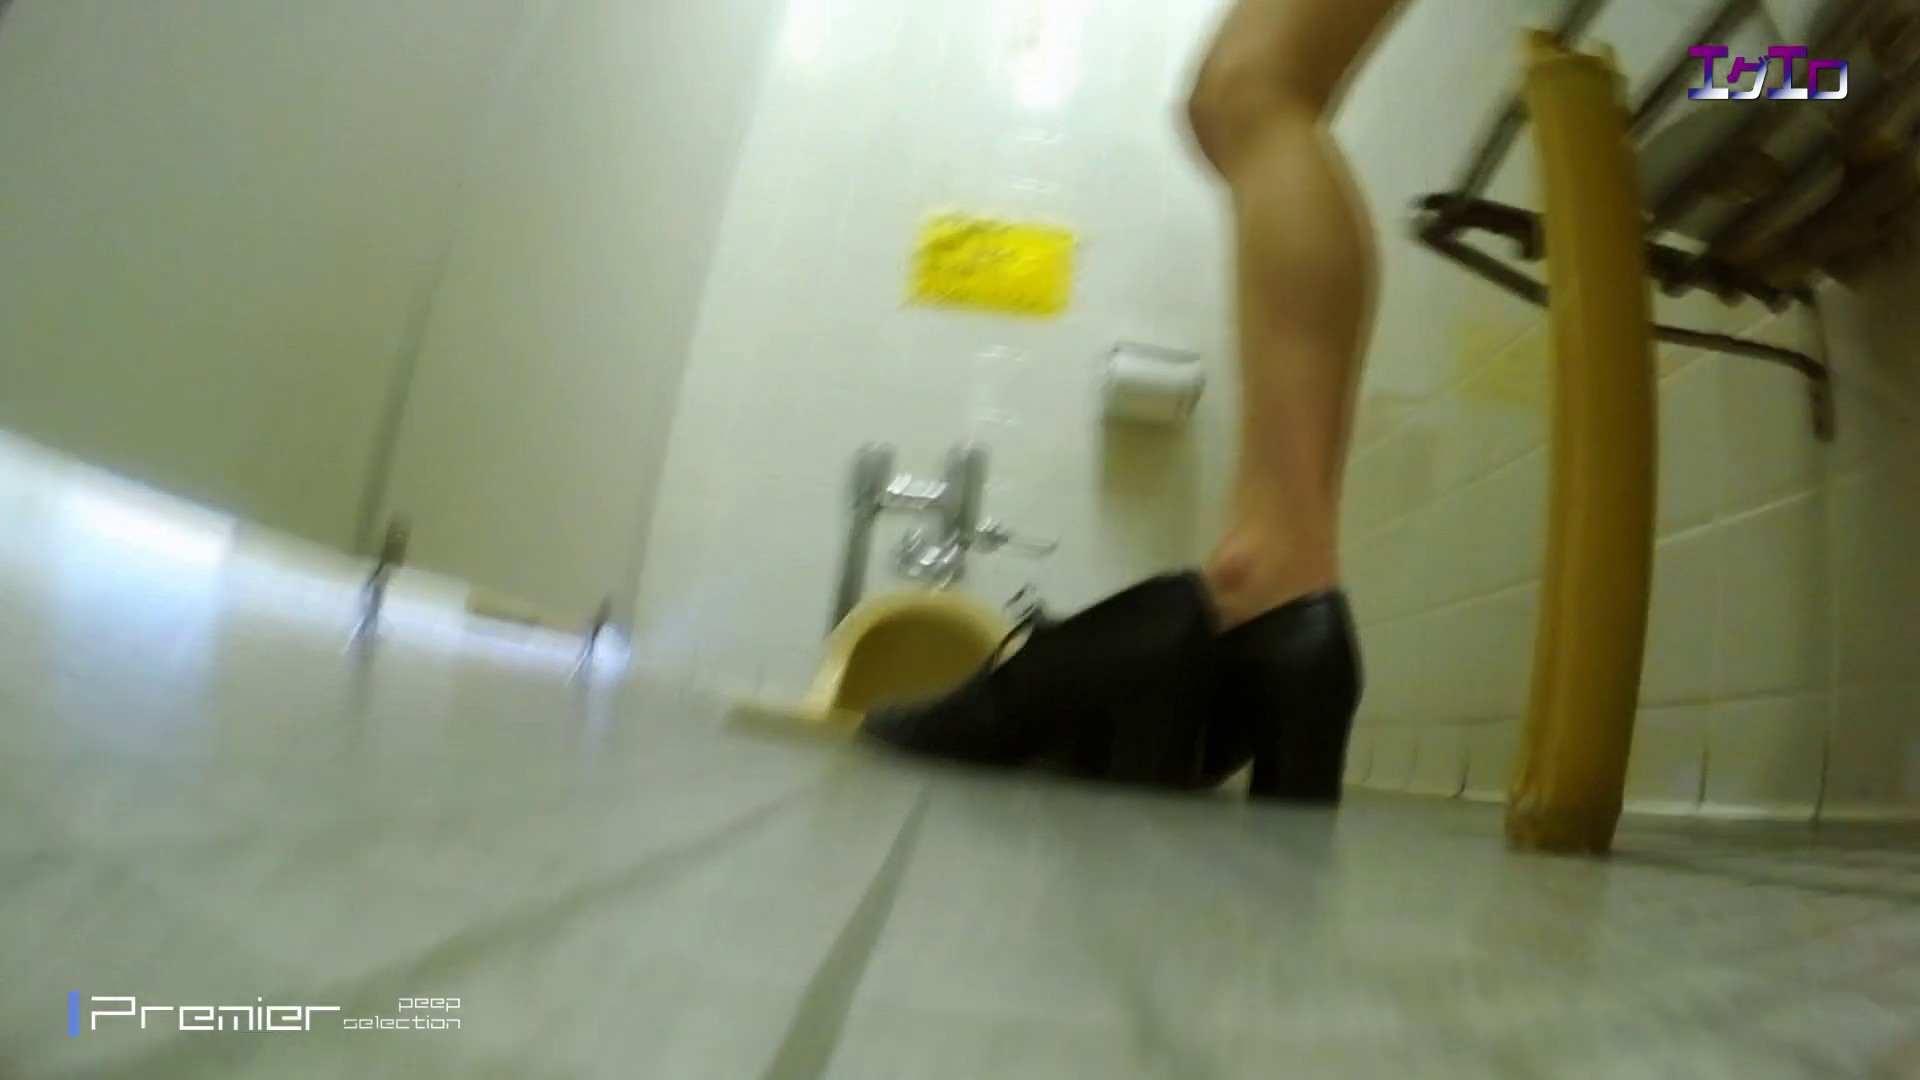 執念の撮影&追撮!!某女子校の通学路にあるトイレ 至近距離洗面所 Vol.16 美肌  84PIX 68